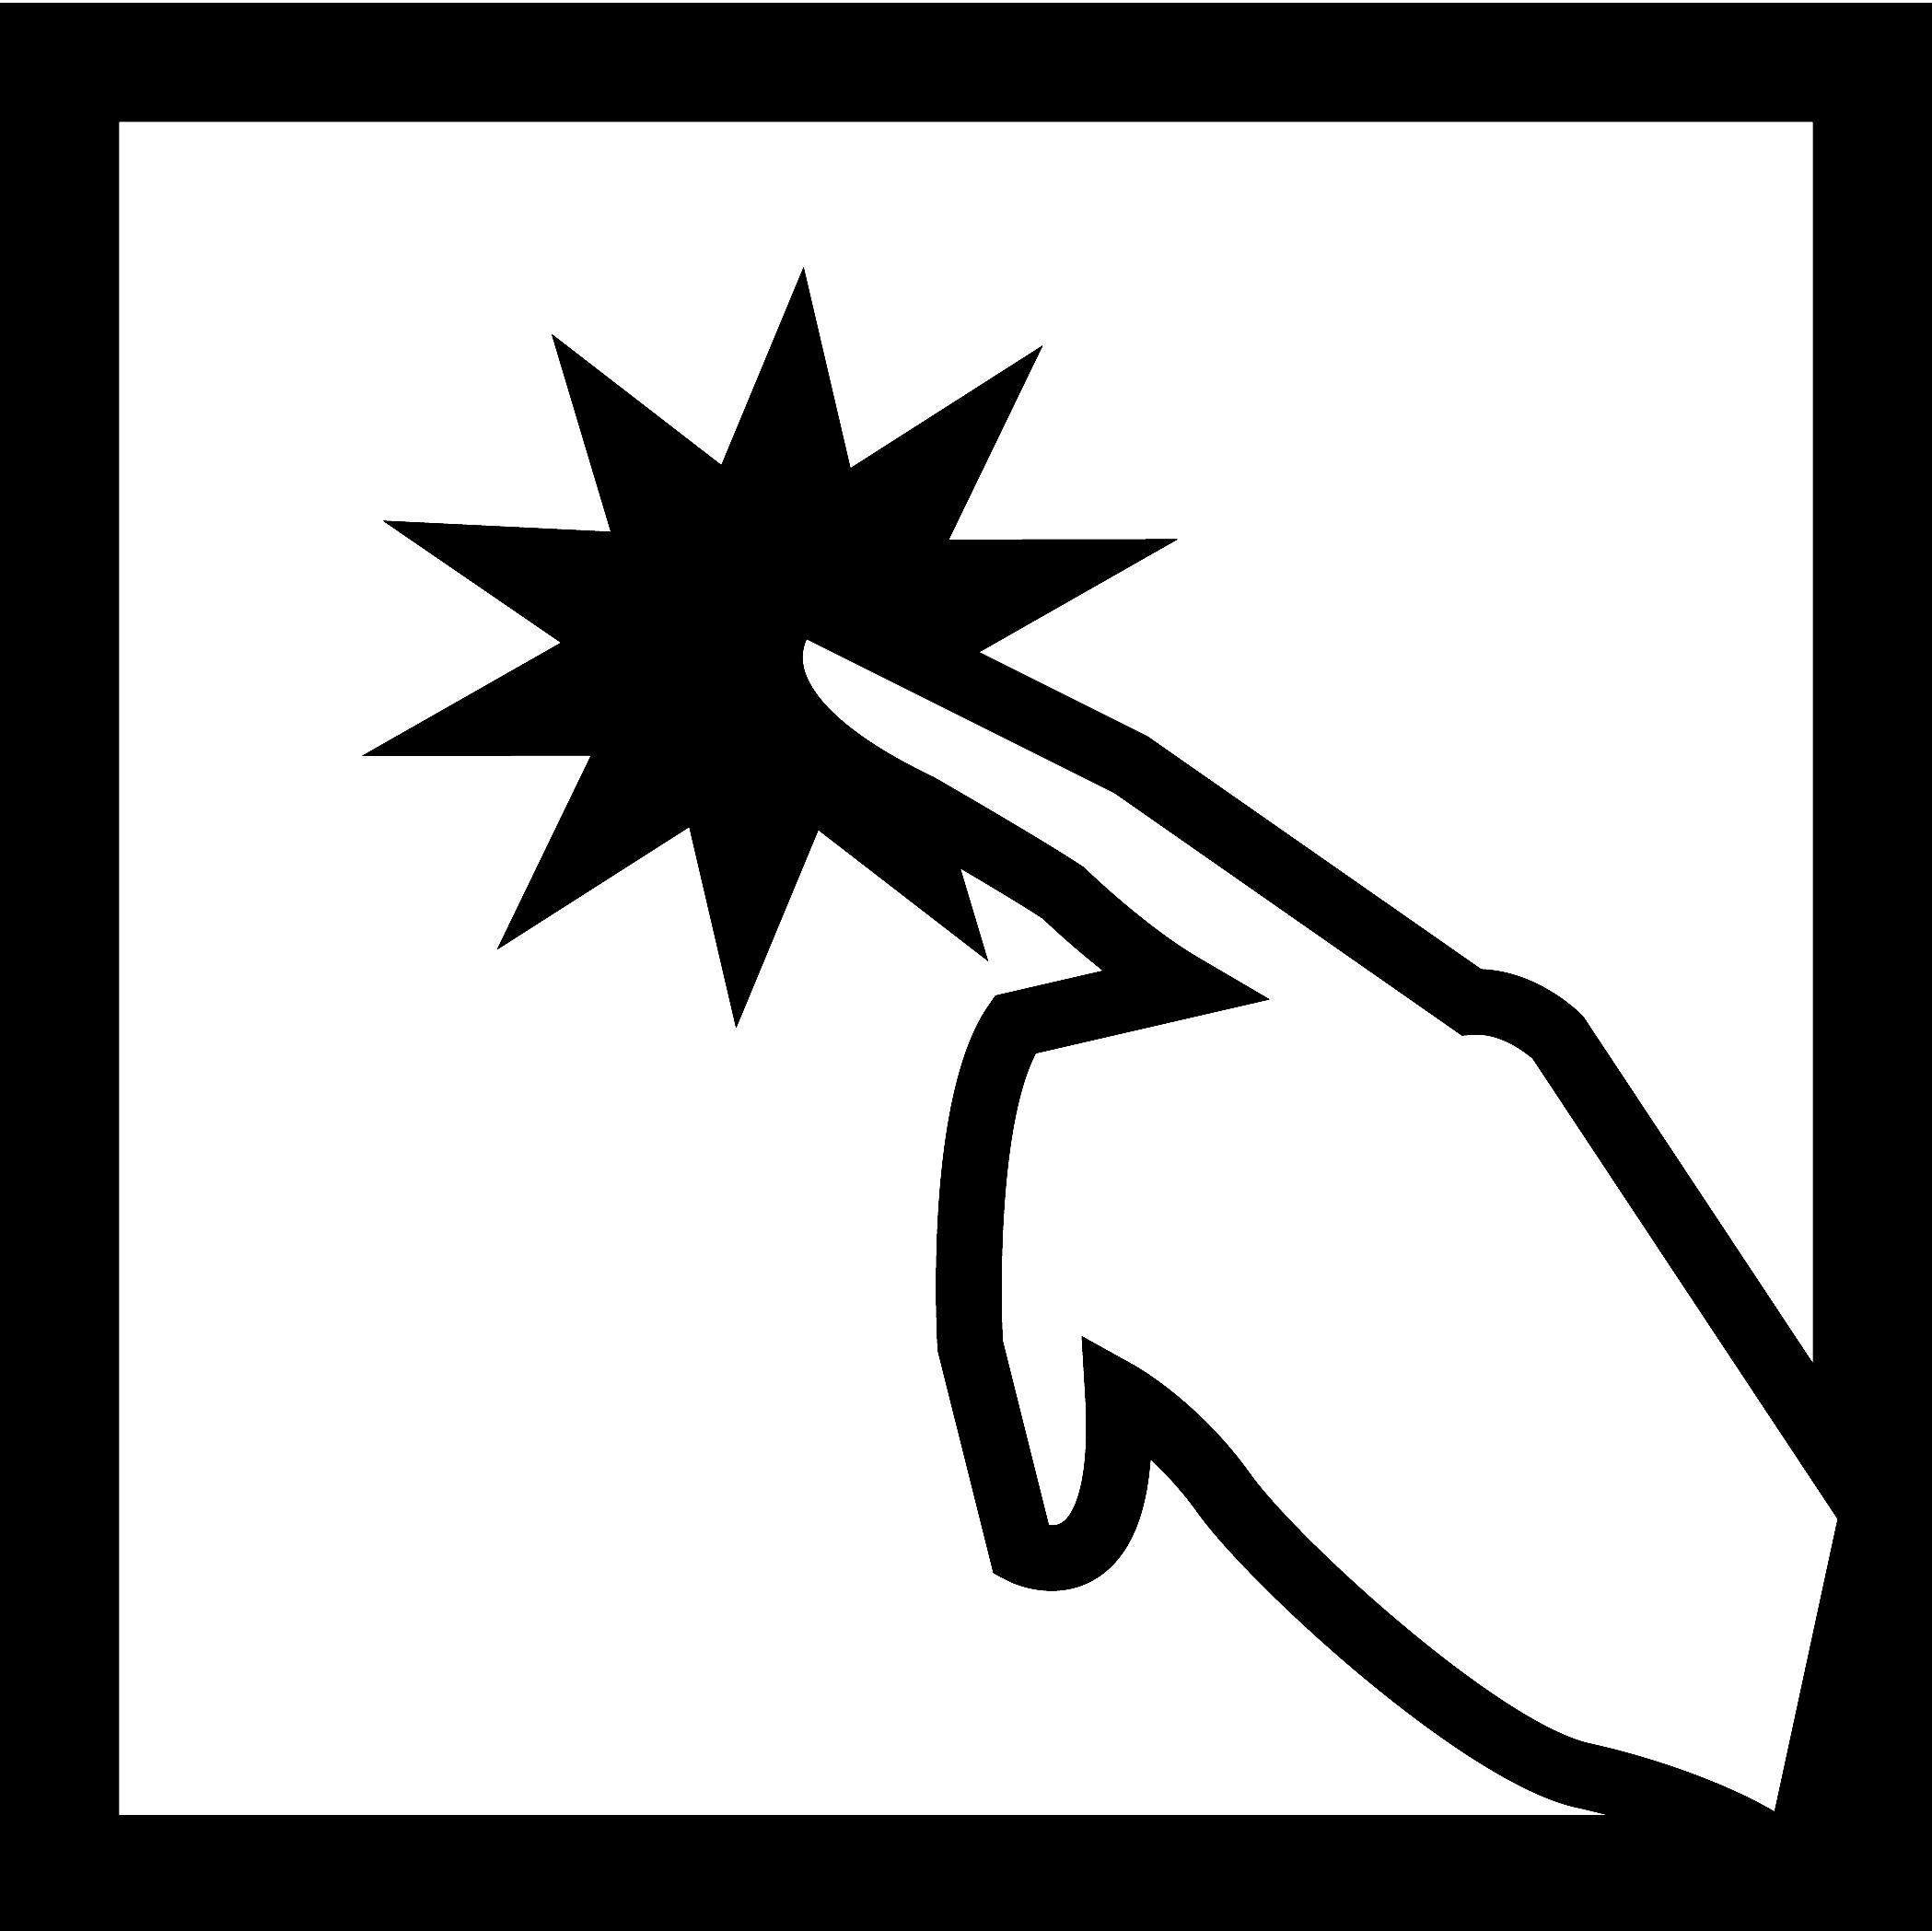 Larp Full touch (dotyczy wszystkich graczy) – dopuszczalny jest dotyk w każdej formie, w tym przemoc bezpośrednia i zachowania o charakterze seksualnym.